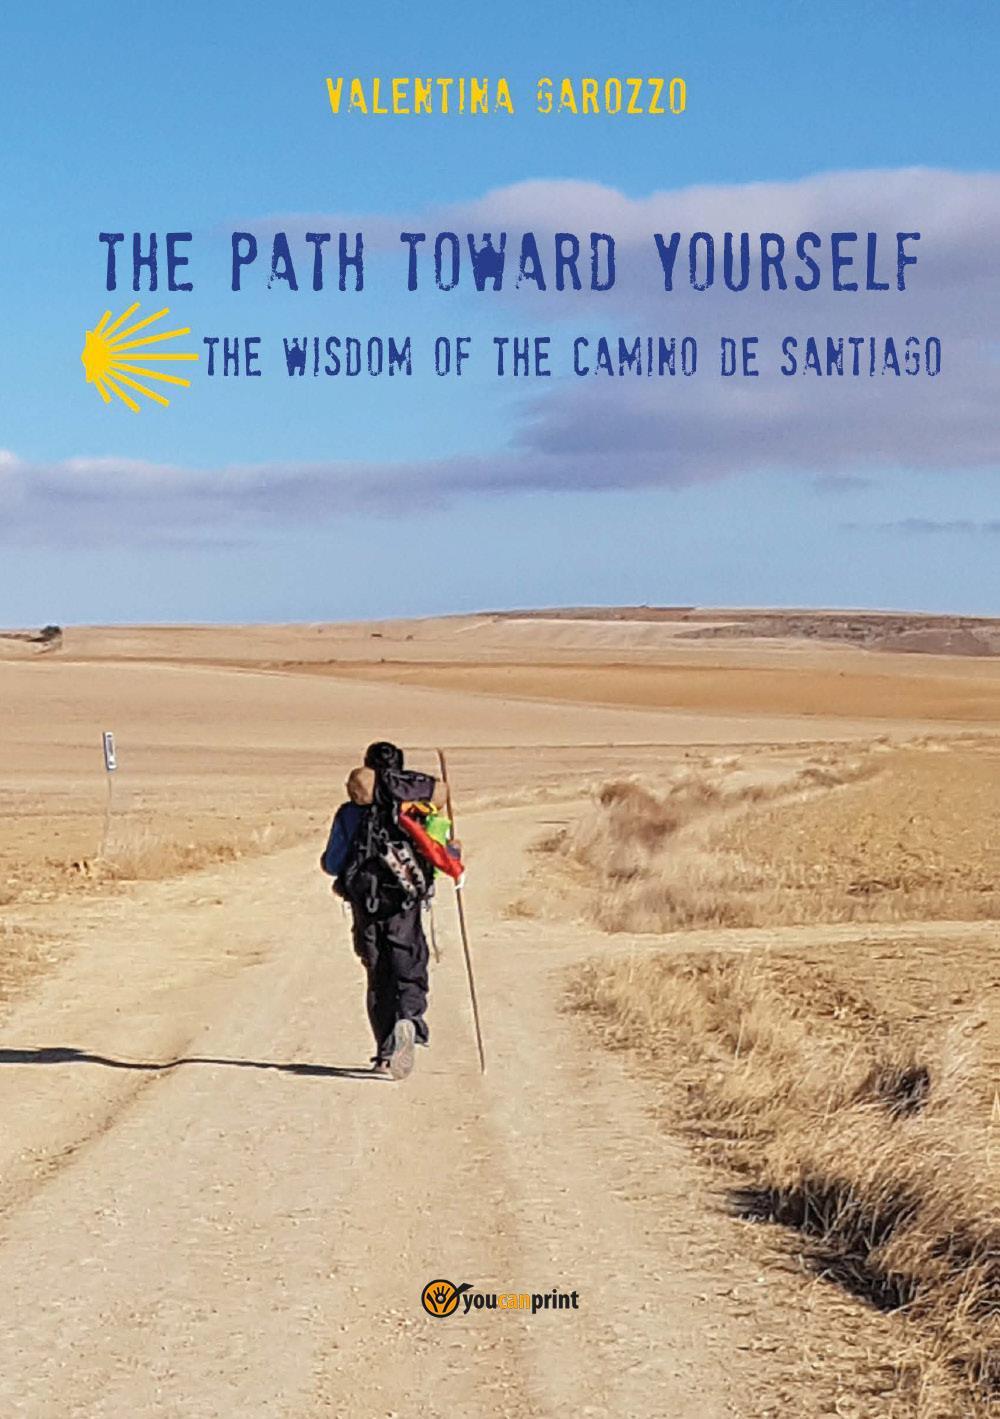 The path toward yourself. The wisdom of the Camino de Santiago